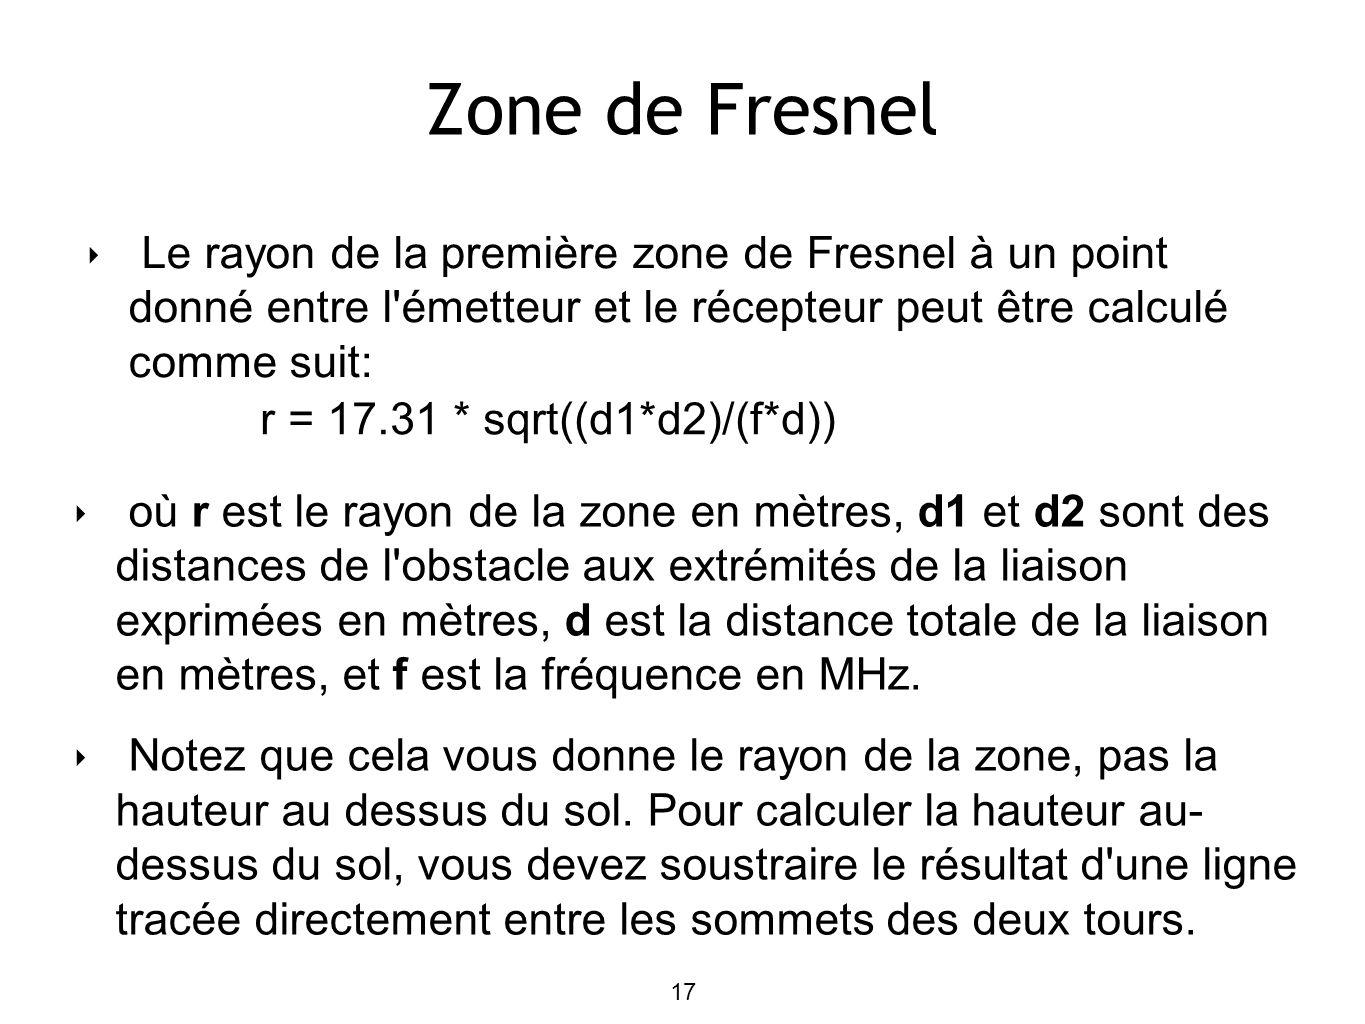 Zone de Fresnel Le rayon de la première zone de Fresnel à un point donné entre l émetteur et le récepteur peut être calculé comme suit: où r est le rayon de la zone en mètres, d1 et d2 sont des distances de l obstacle aux extrémités de la liaison exprimées en mètres, d est la distance totale de la liaison en mètres, et f est la fréquence en MHz.